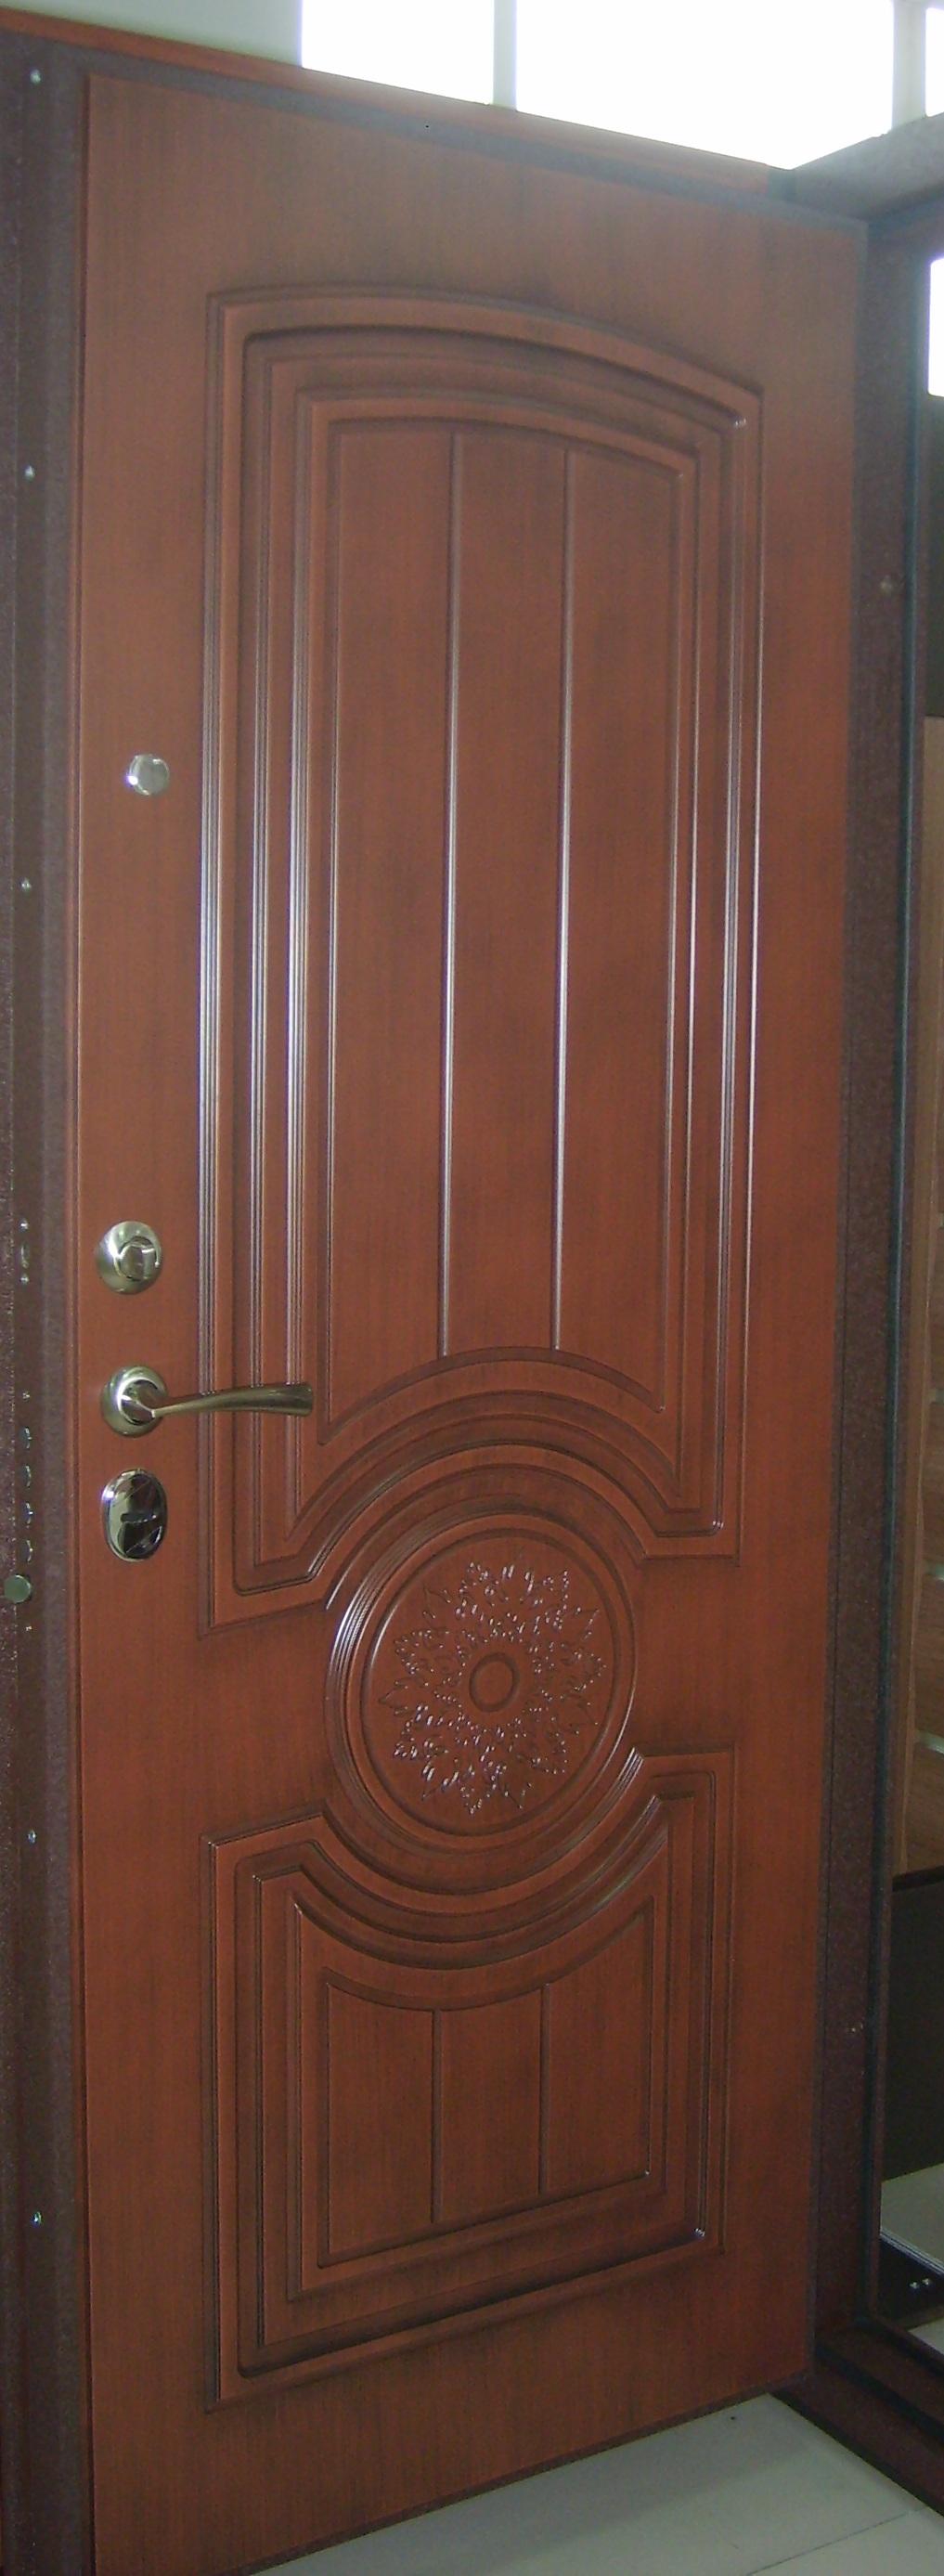 где лучше заказать входную дверь